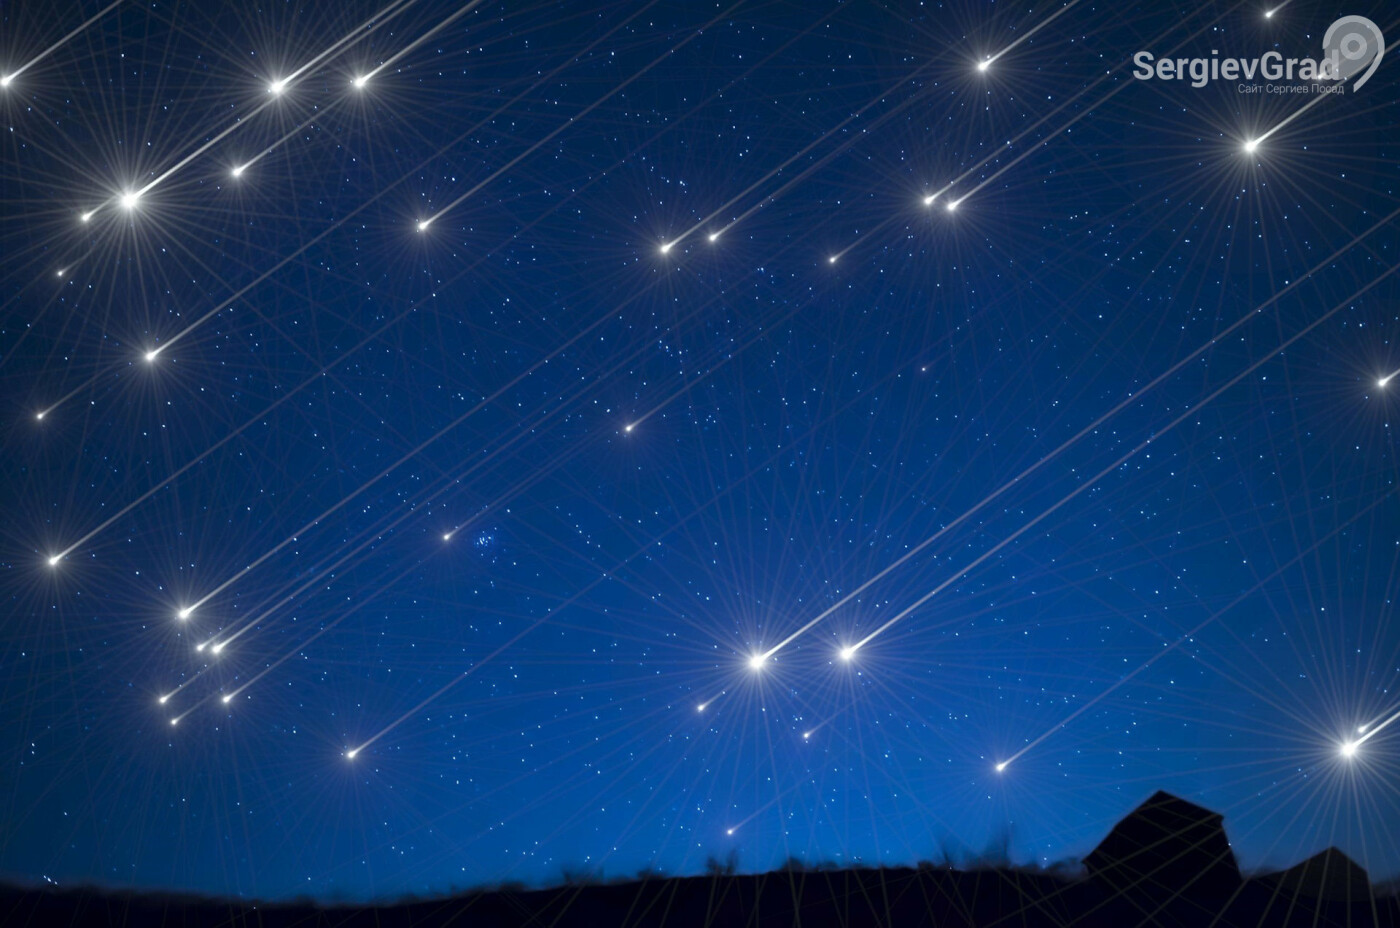 жители Сергиева Посада смогут увидеть звездопад и солнечное затмение